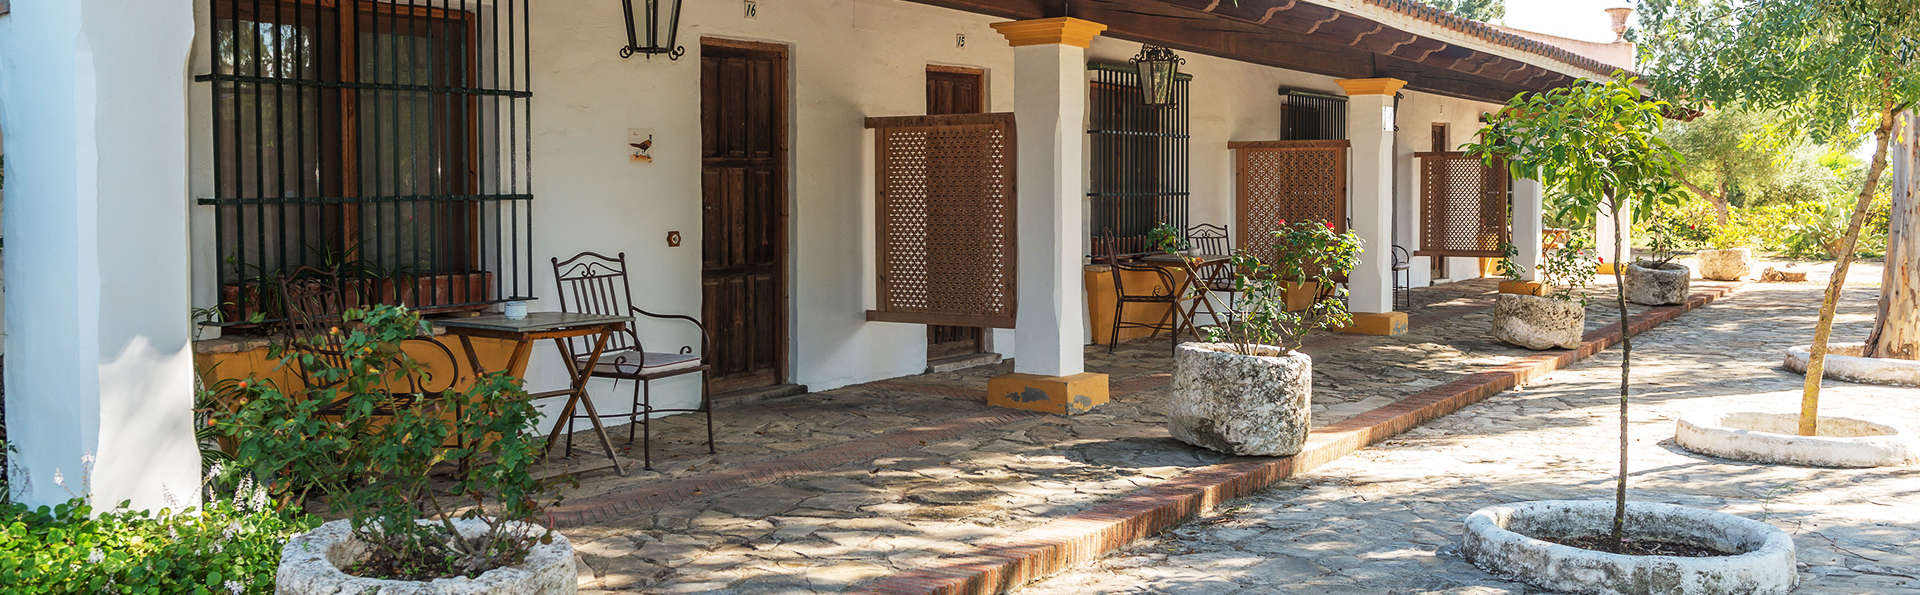 Escapada rural con encanto en un cortijo andaluz cerca los alcornocales en Cádiz